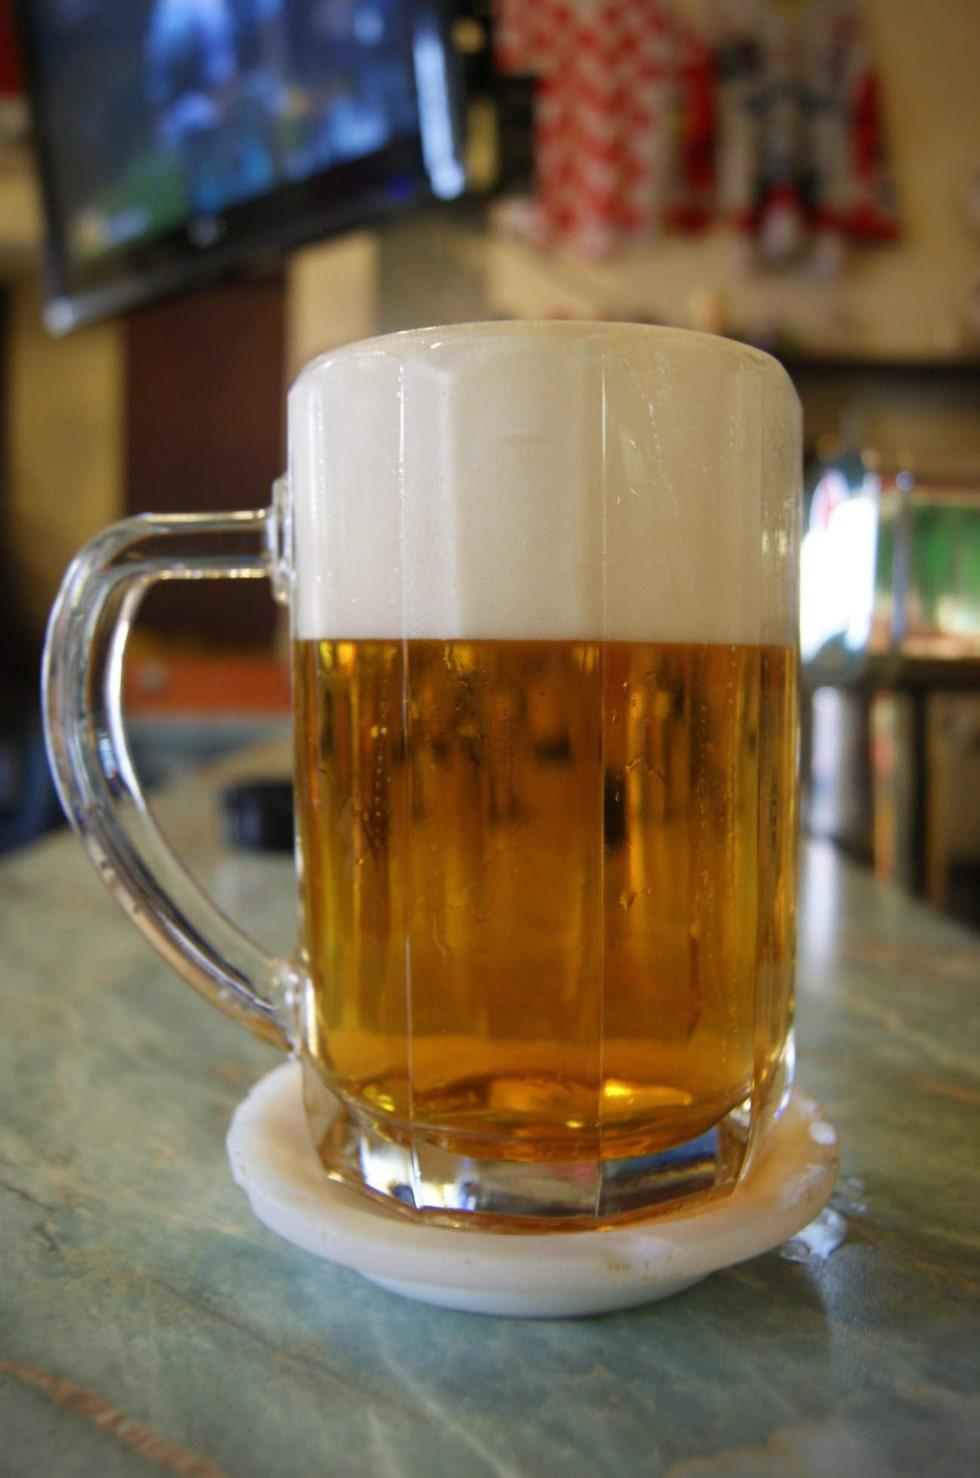 Ingenstans kan man prova ett bredare utbud av öl än på den här krogen.